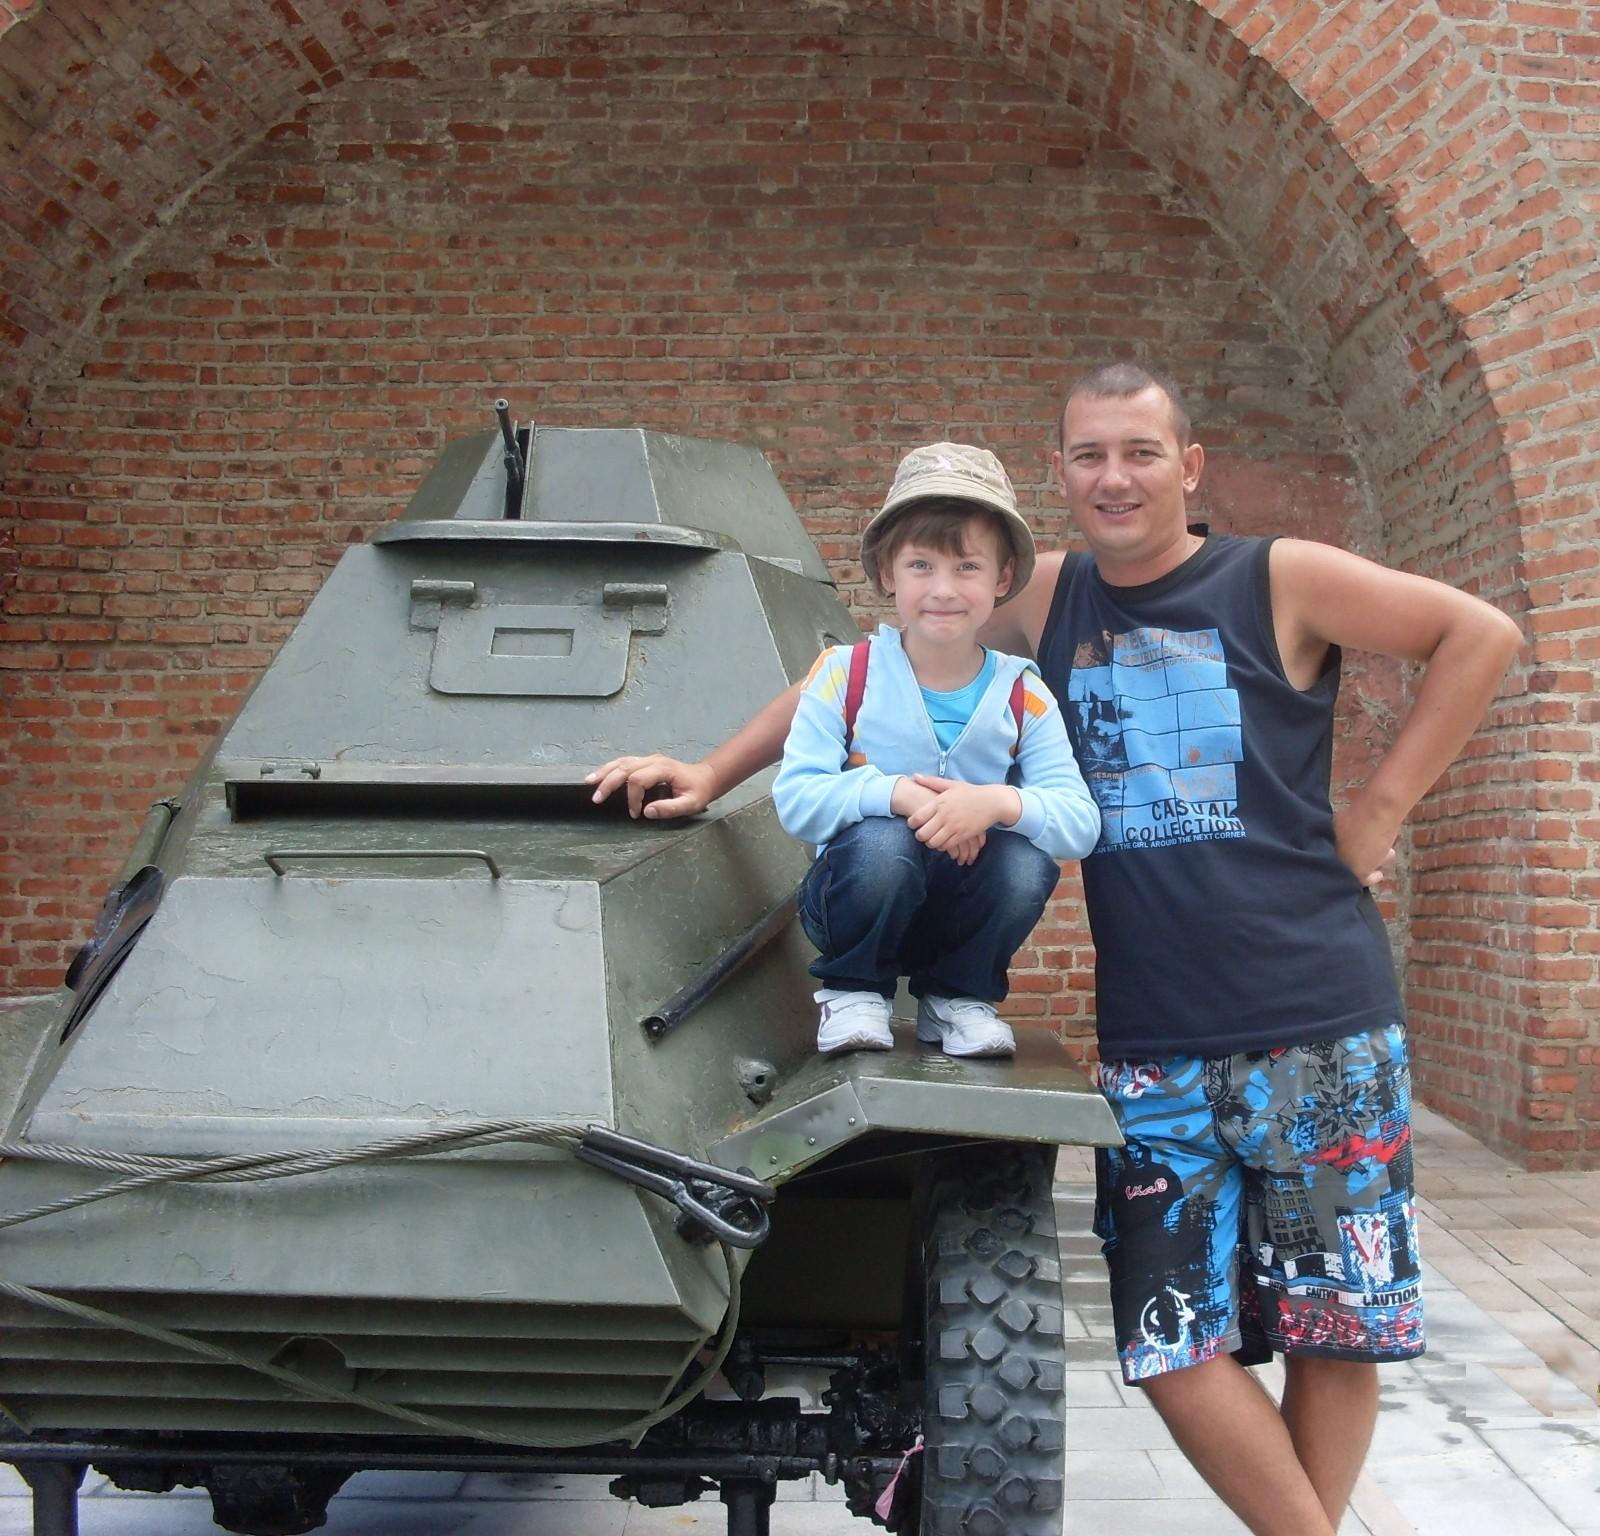 С папой на прогулке в Нижегородском кремле. Вместе весело гулять!